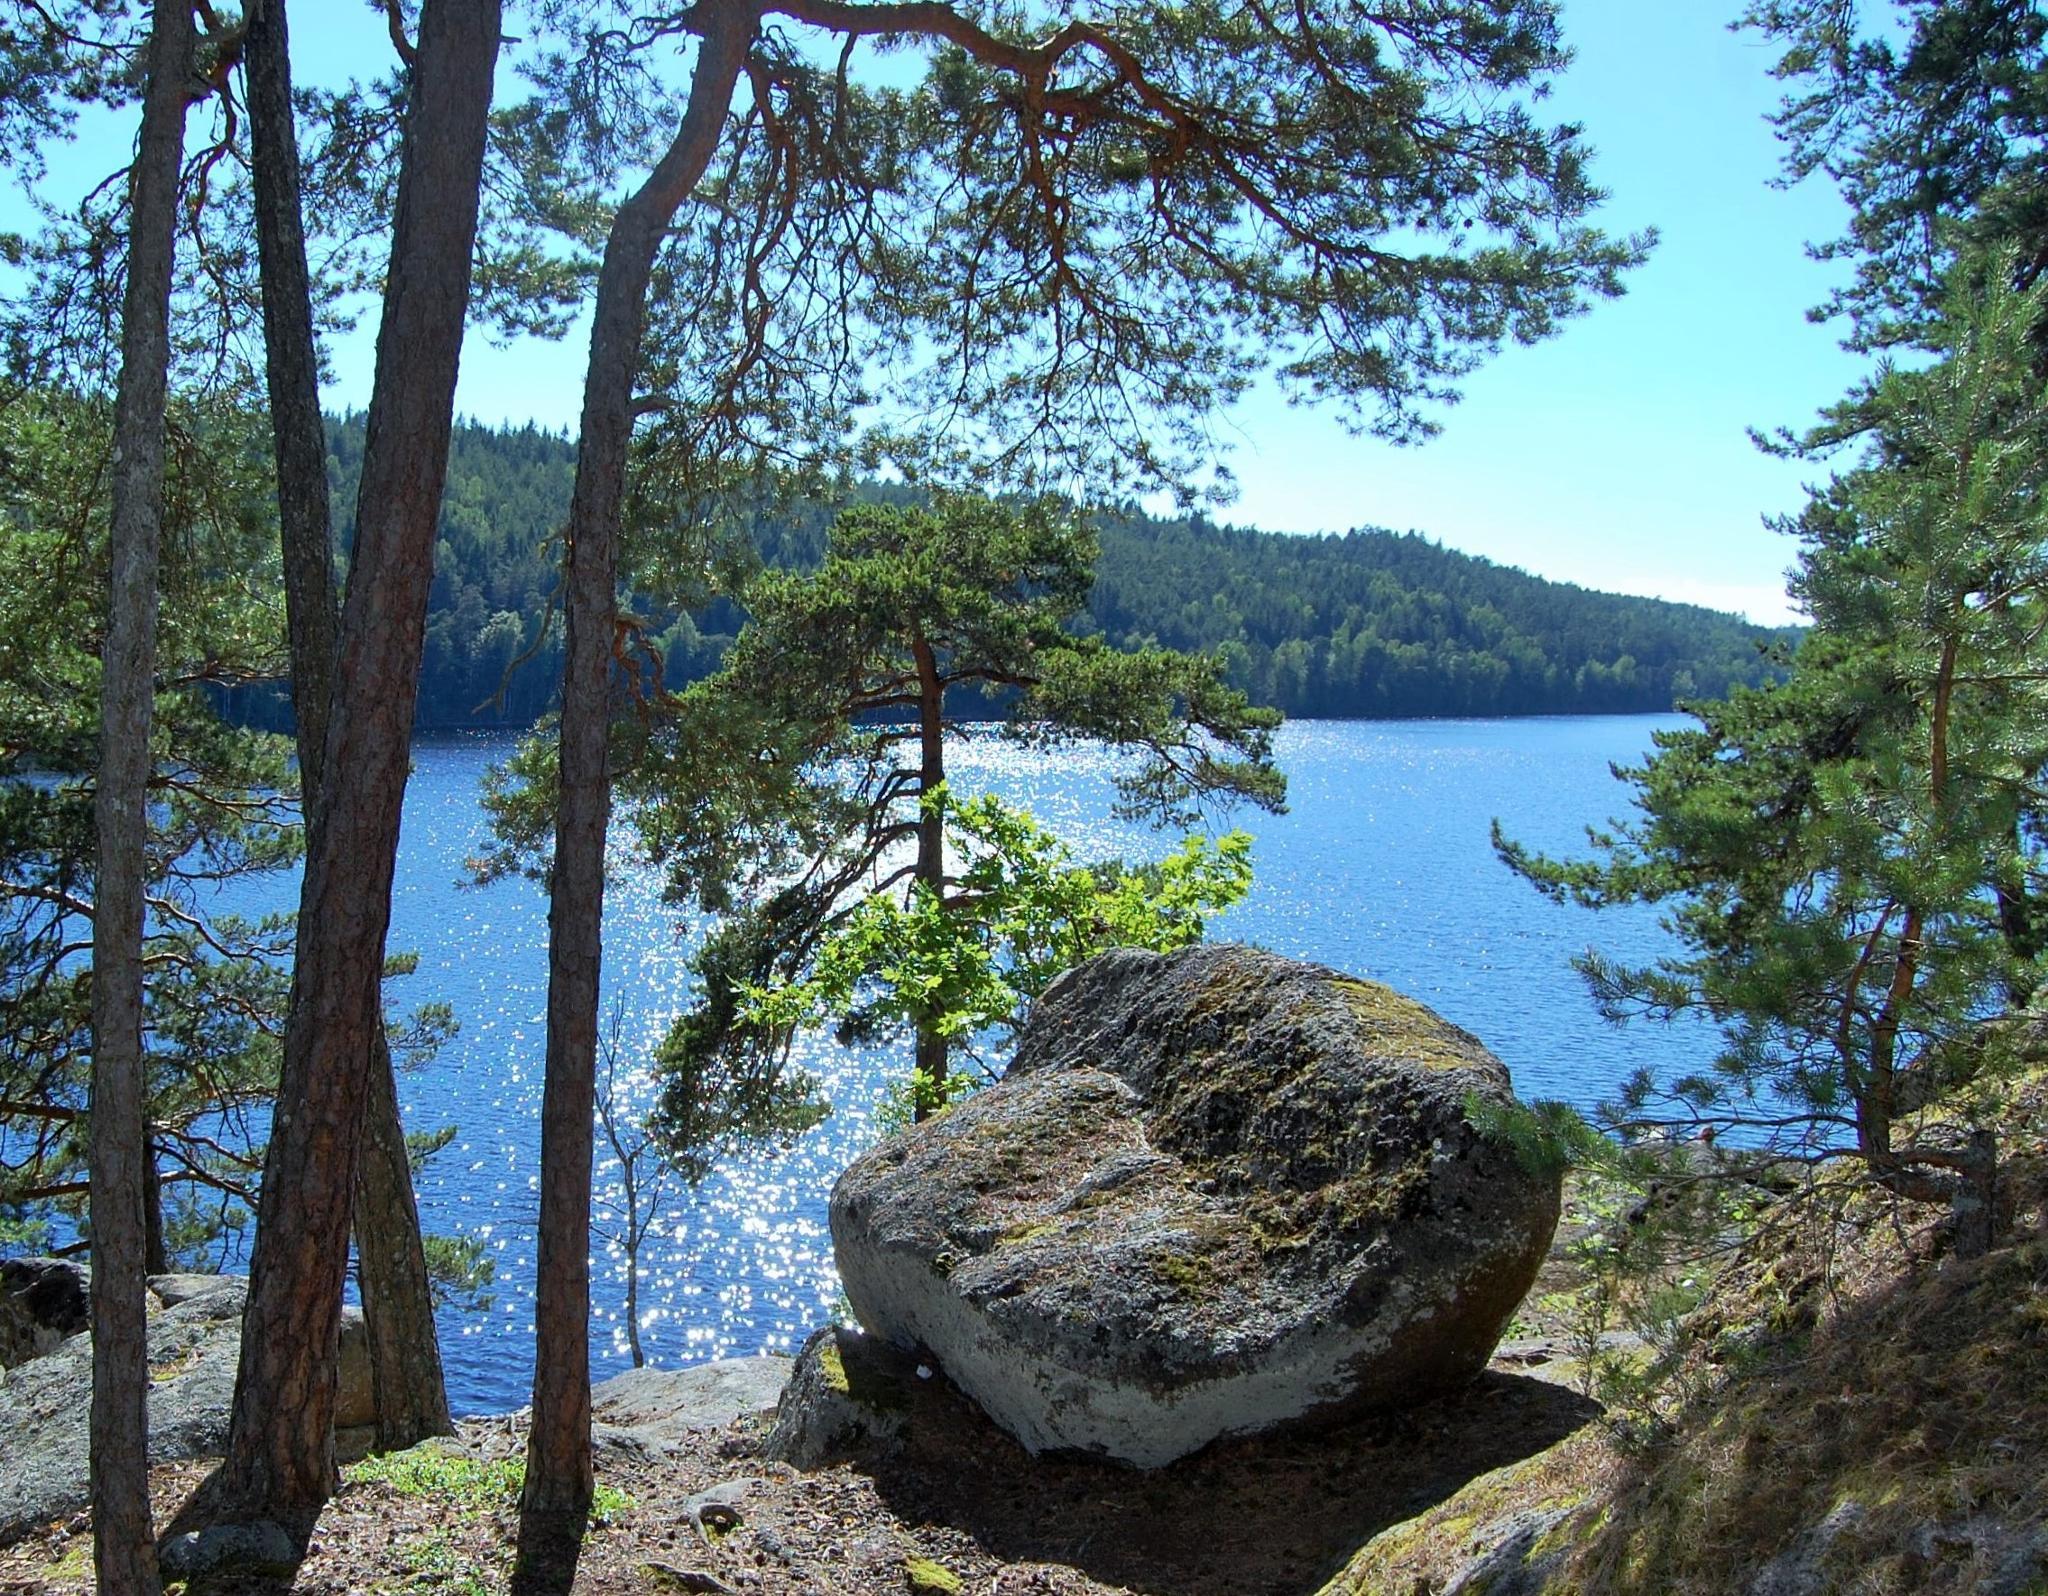 Evening at the lake by lillemor.ekstrom ek